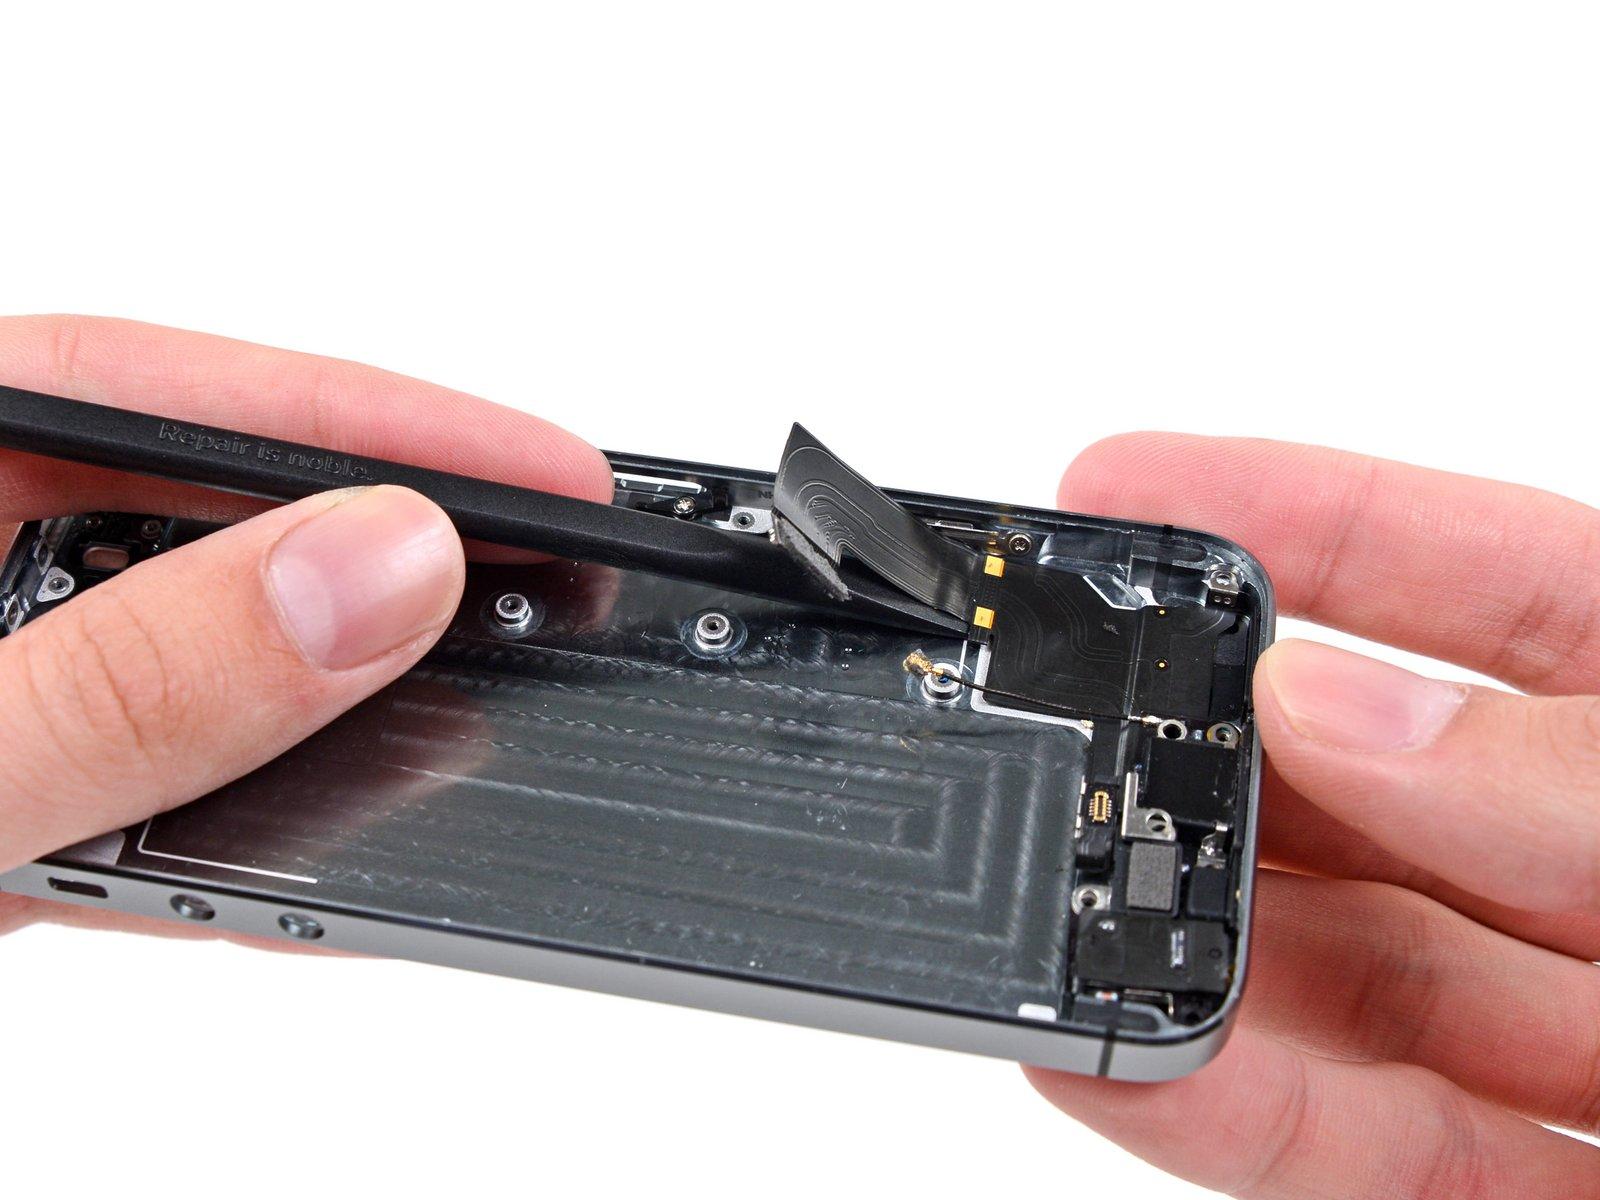 Замена батареи iphone своими руками